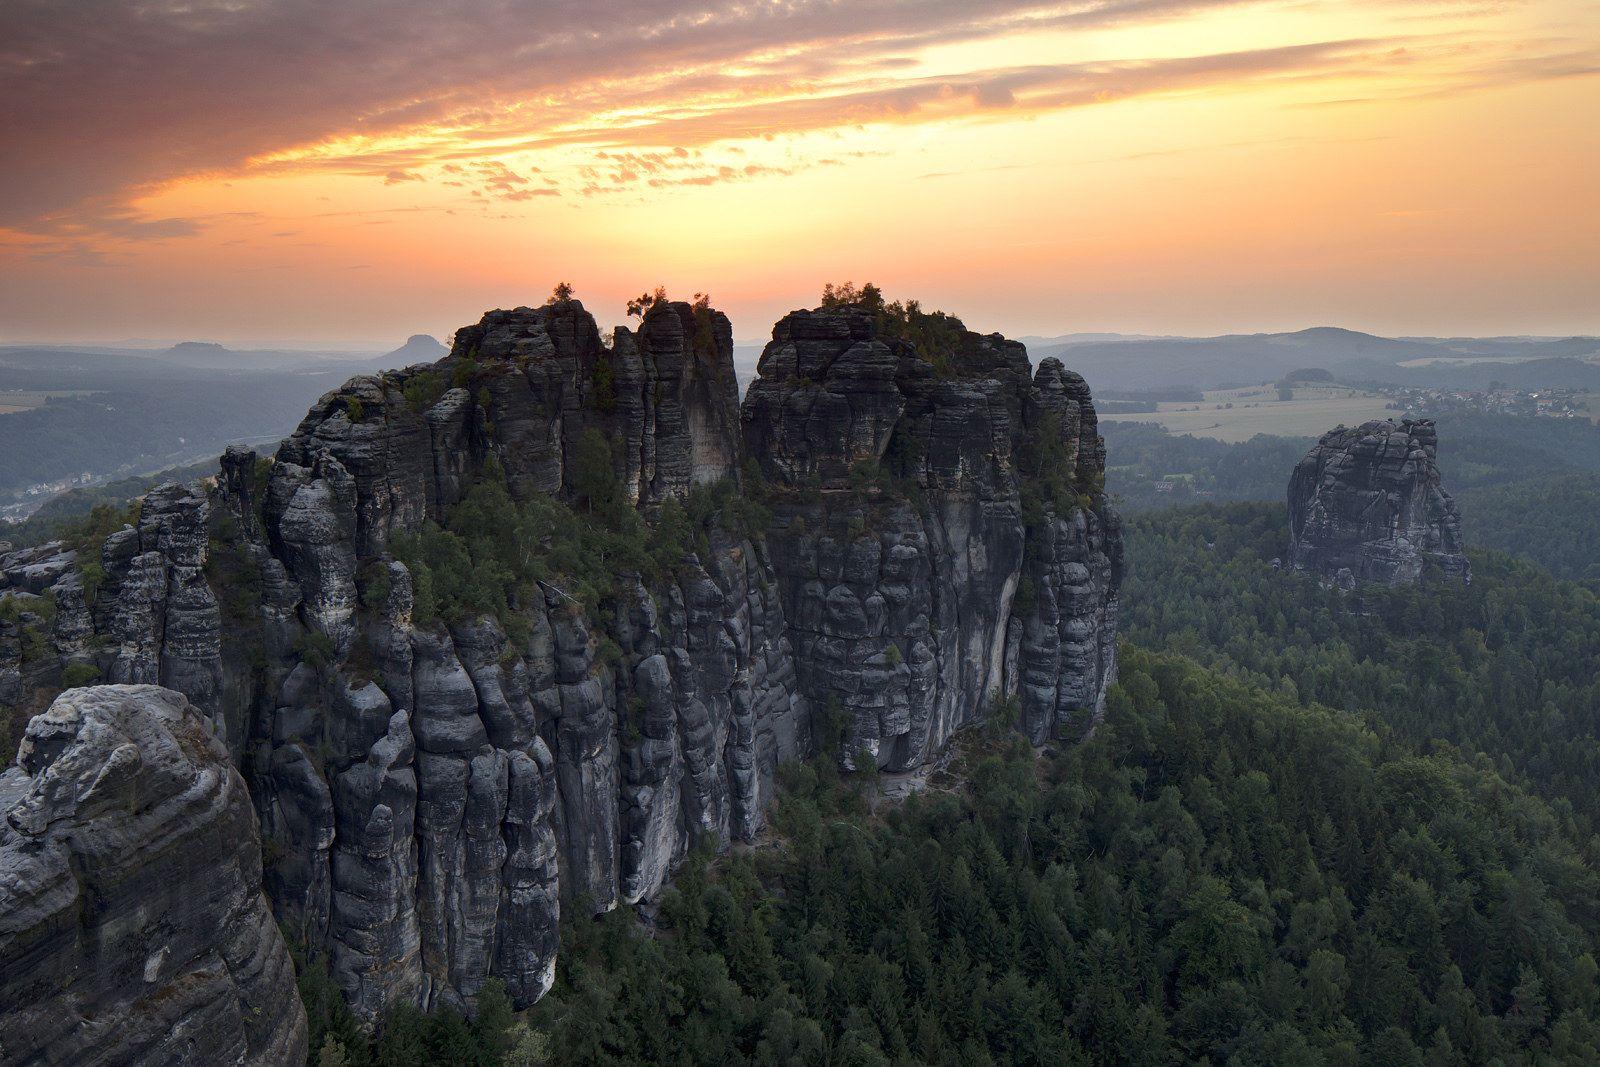 https://flic.kr/p/xATitm   Sandstone cliffs in Saxon Switzerland